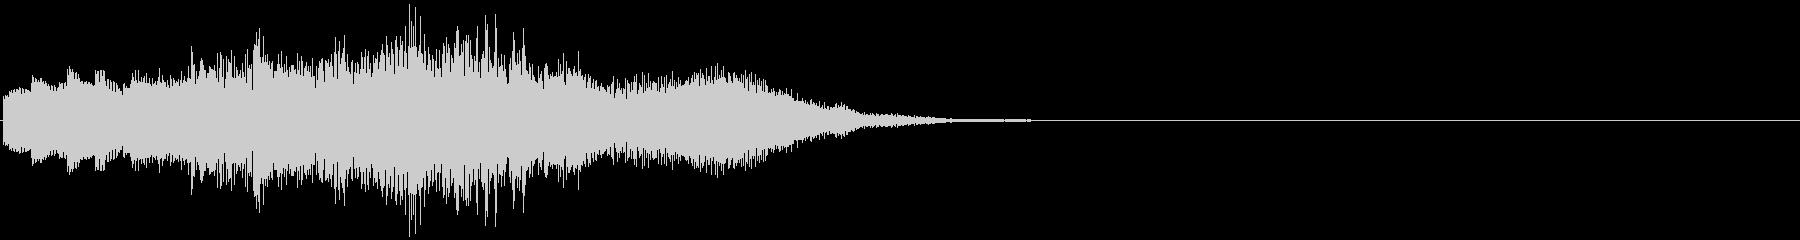 優しいチャイムお知らせタイトル ロゴ10の未再生の波形